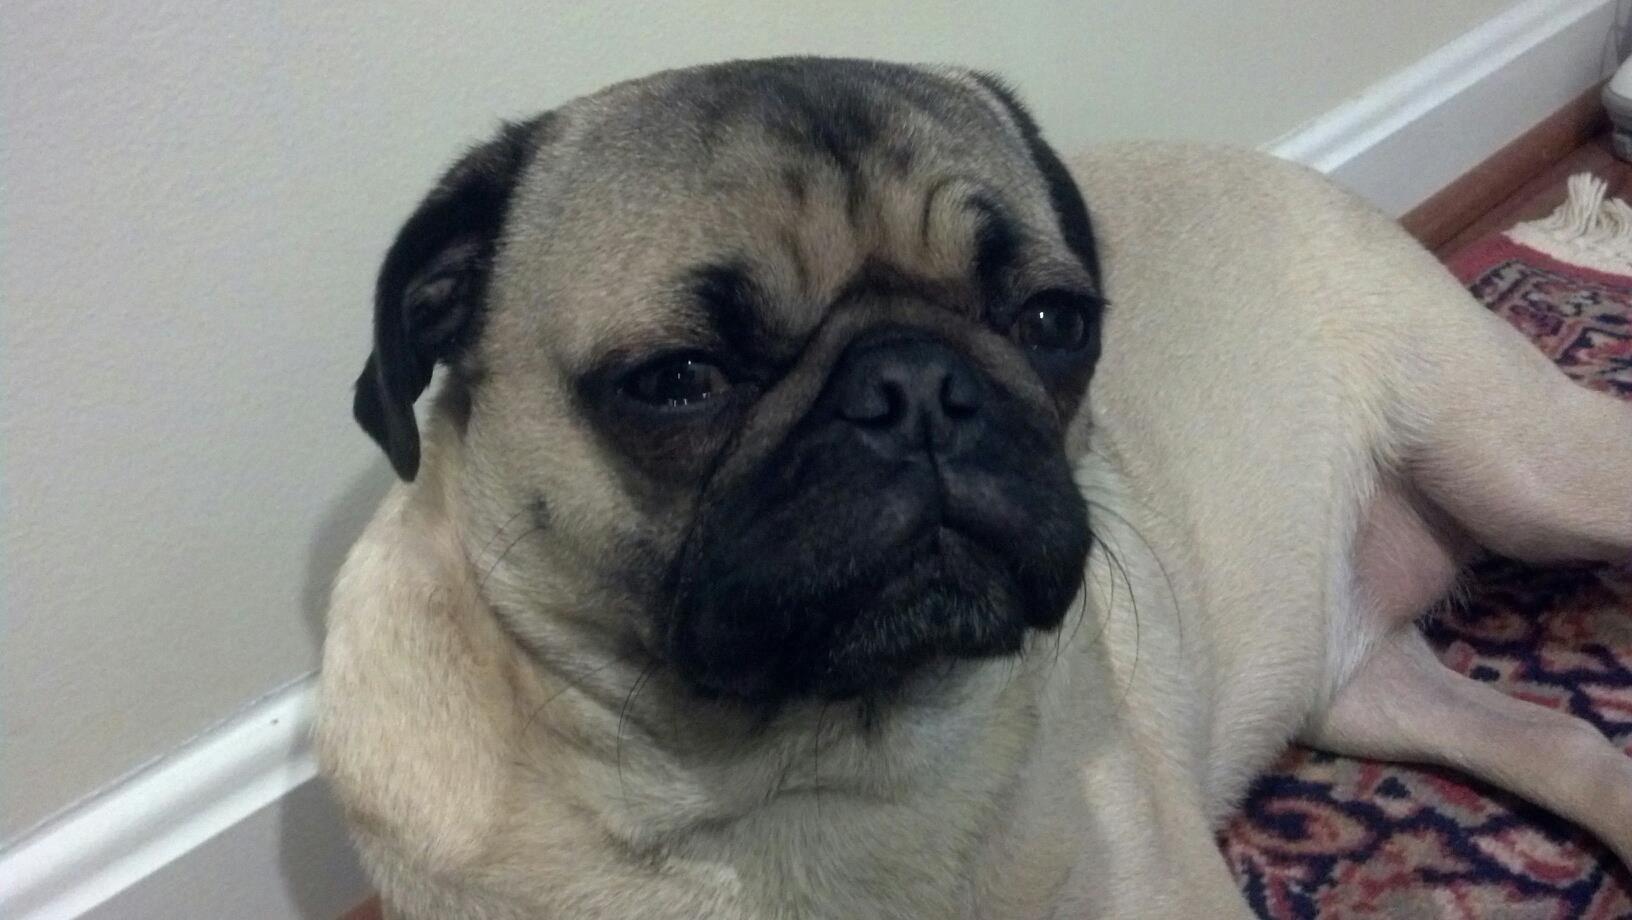 I am very suspicious of you #Monty #pug #cute